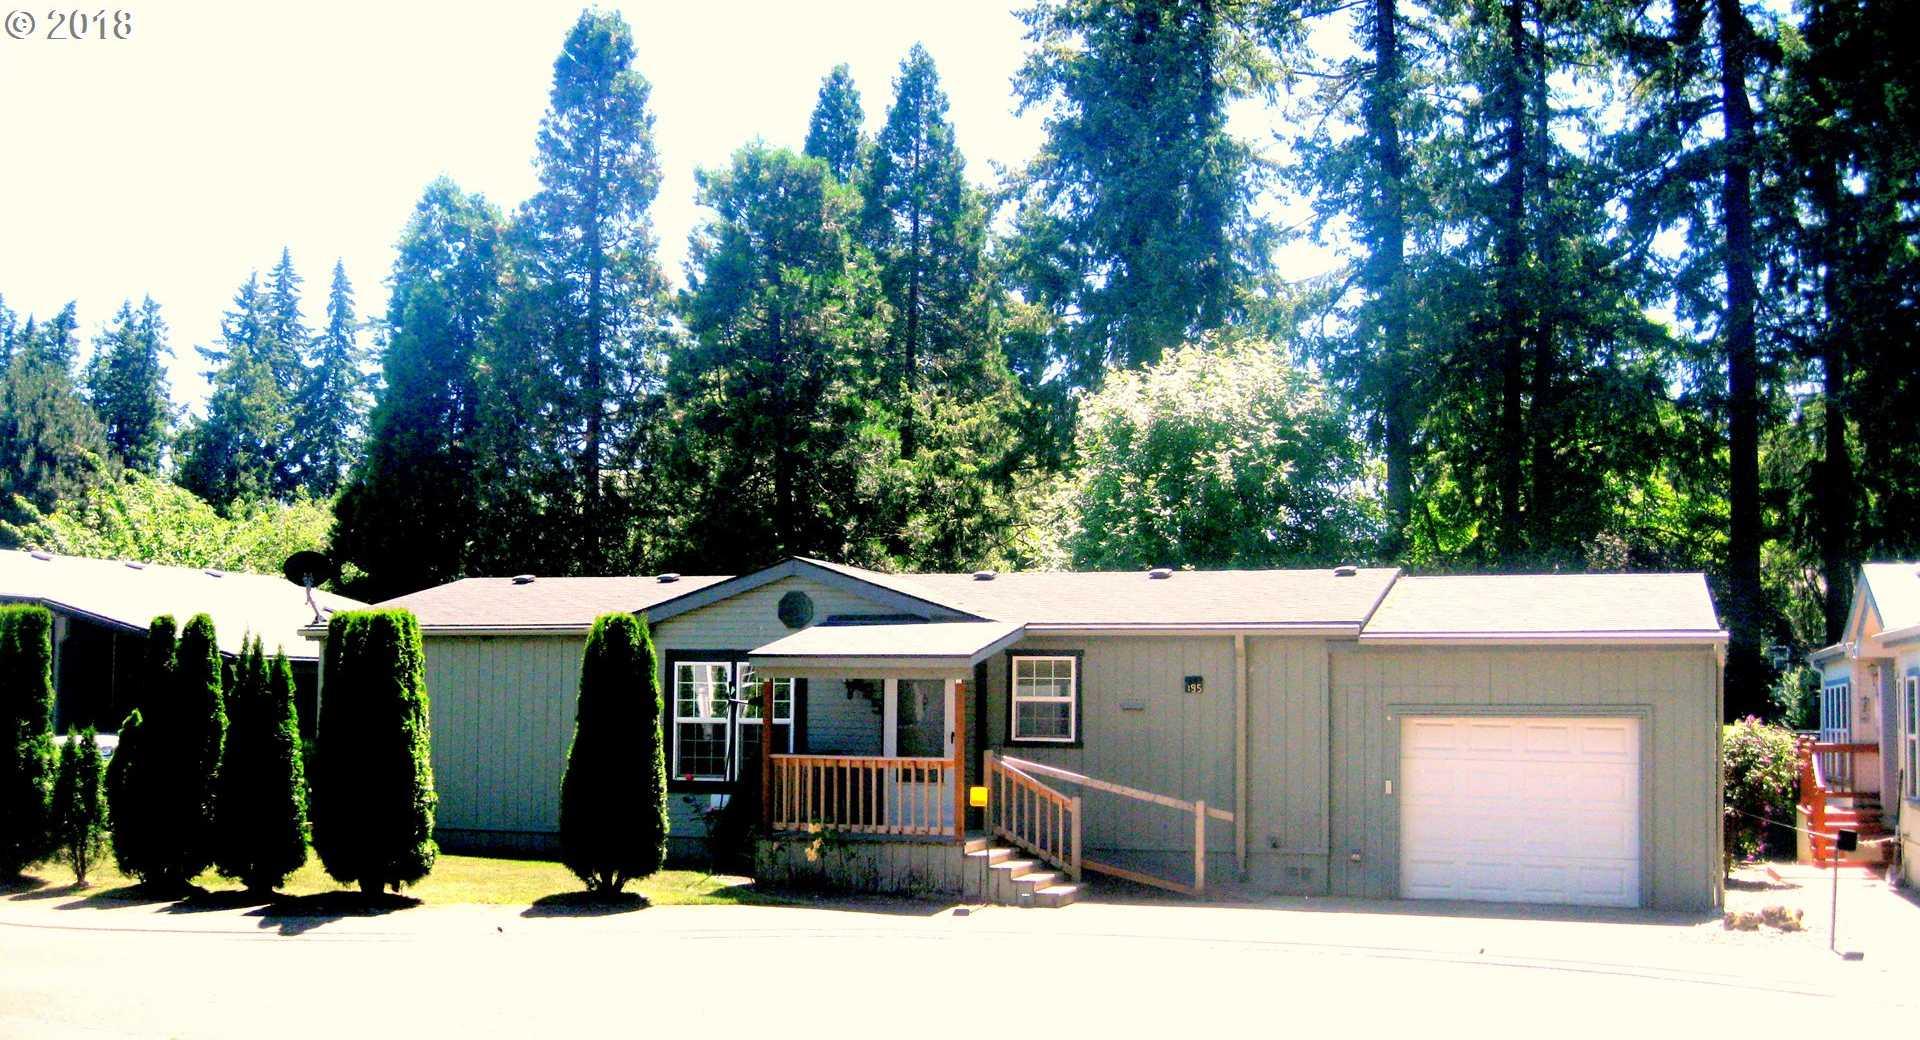 $98,500 - 3Br/2Ba -  for Sale in Creekside Estates, Beaverton